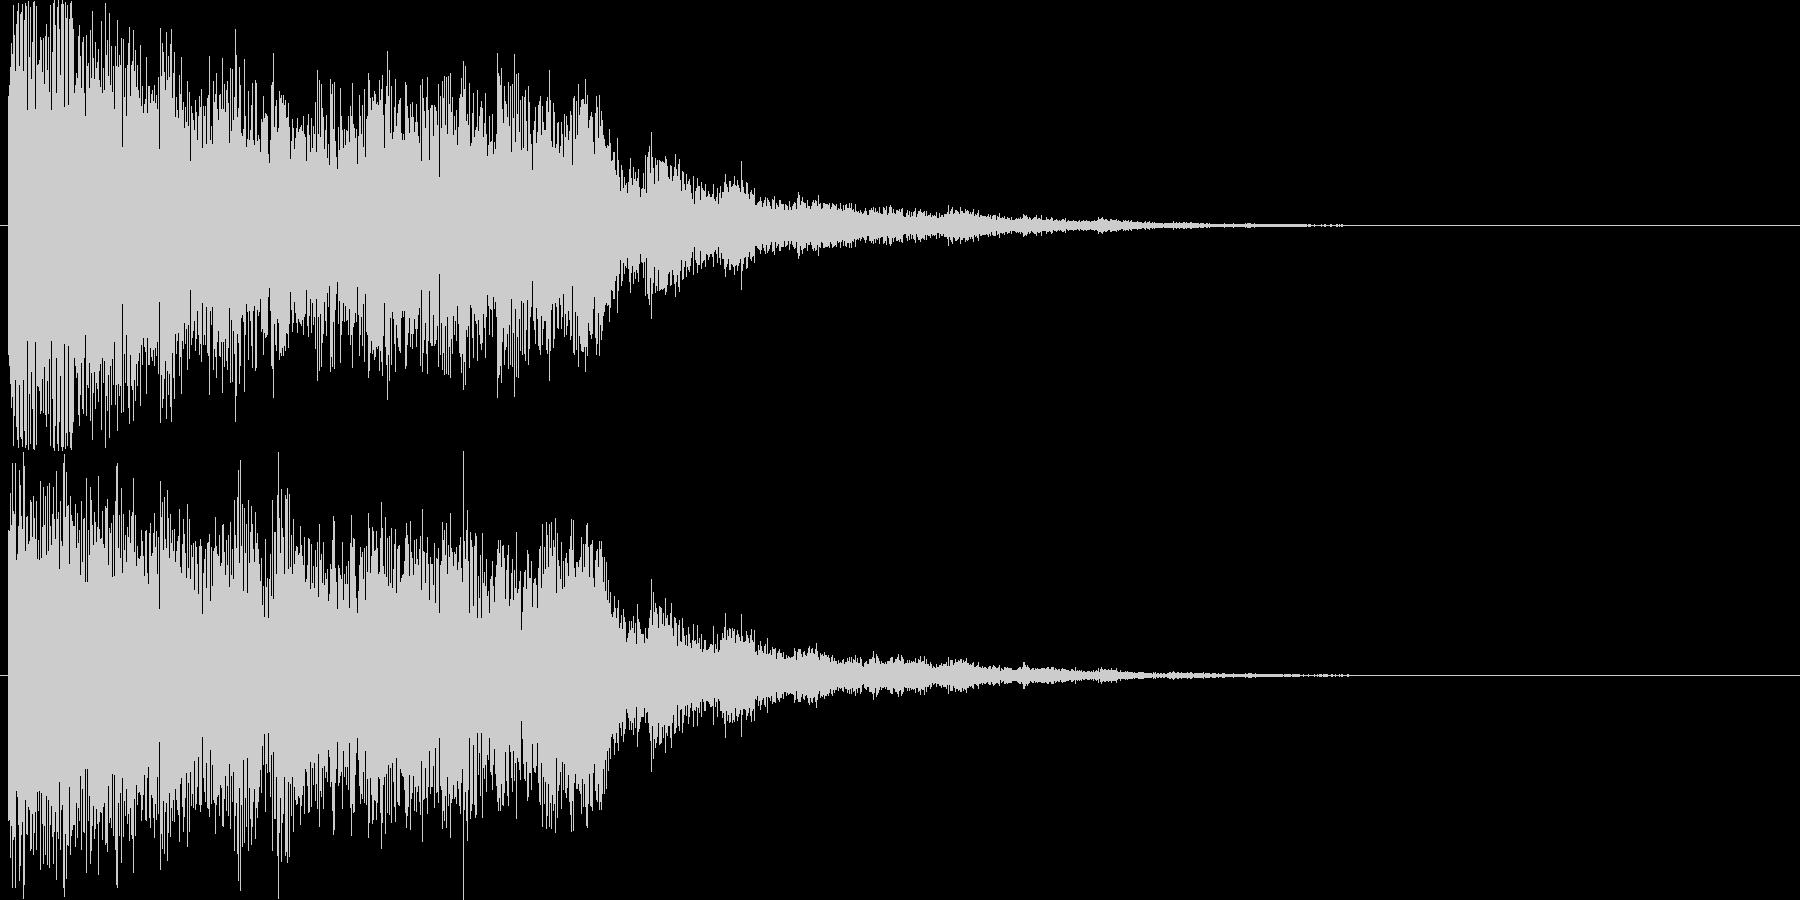 【場面転換】インパクト系効果音【魔法】の未再生の波形